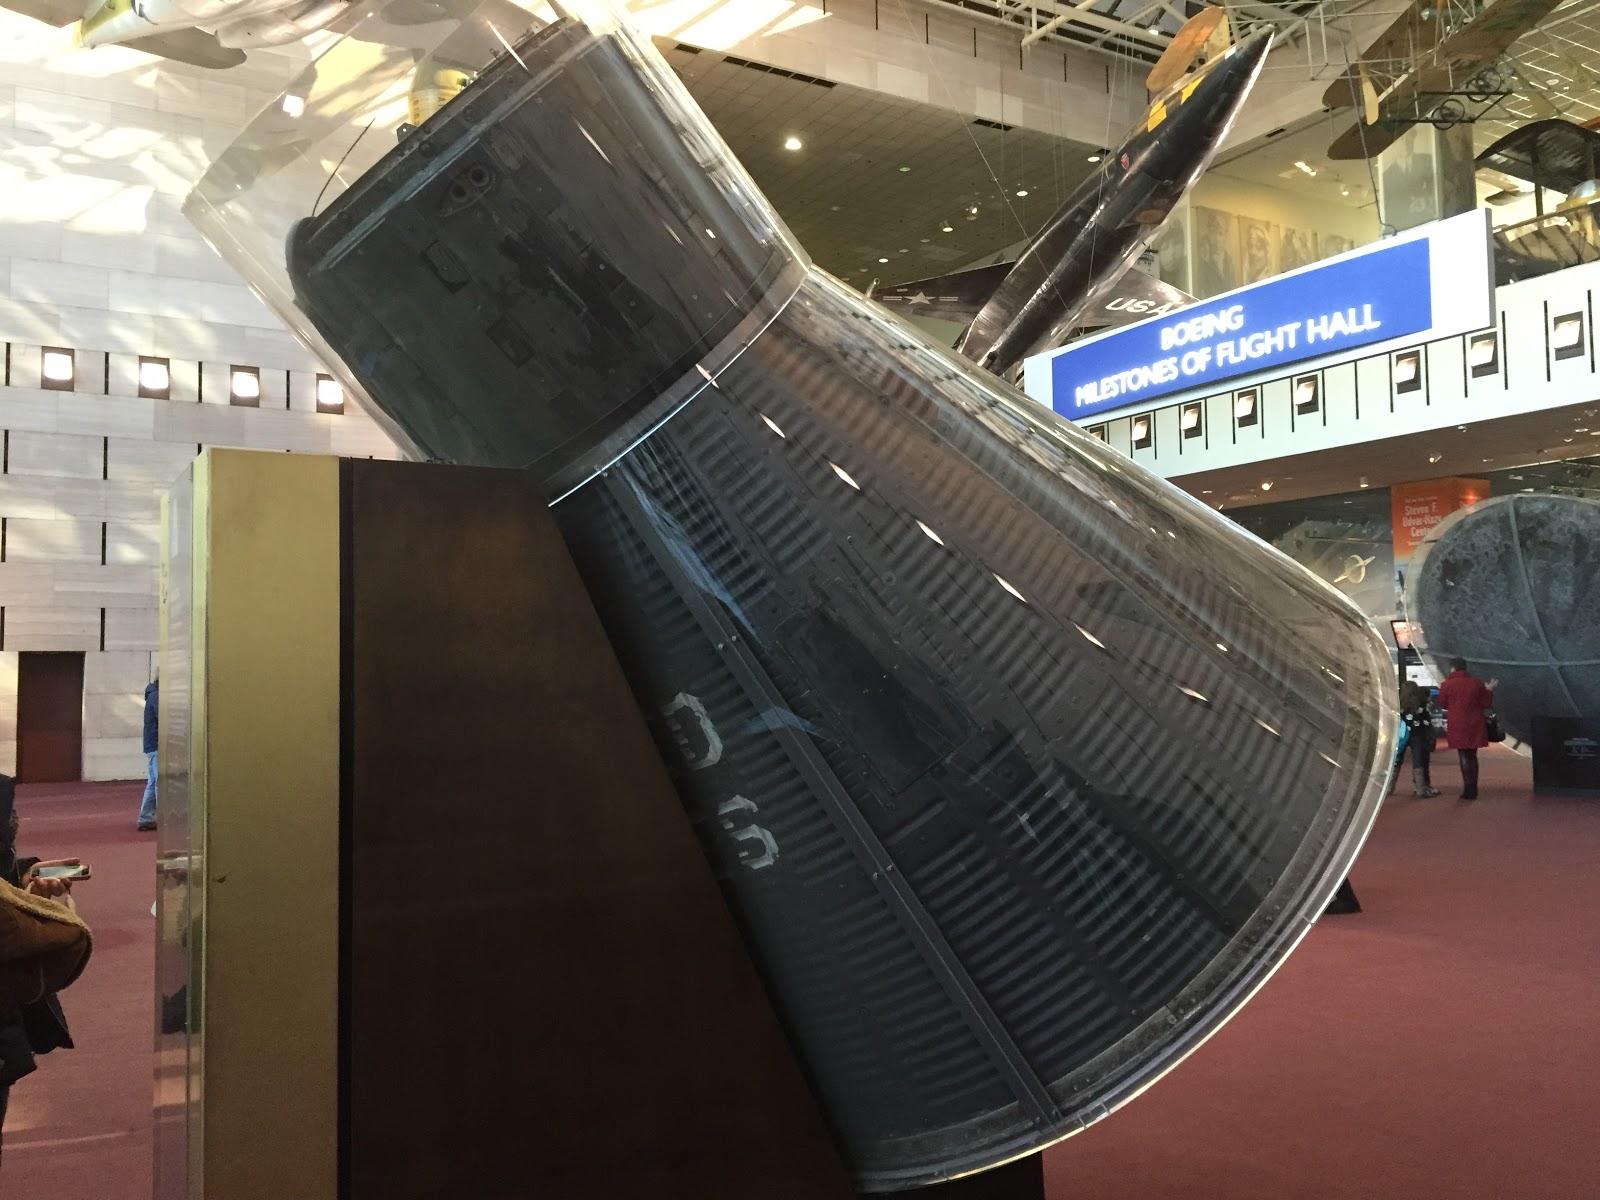 mercury friendship 7 capsule museum